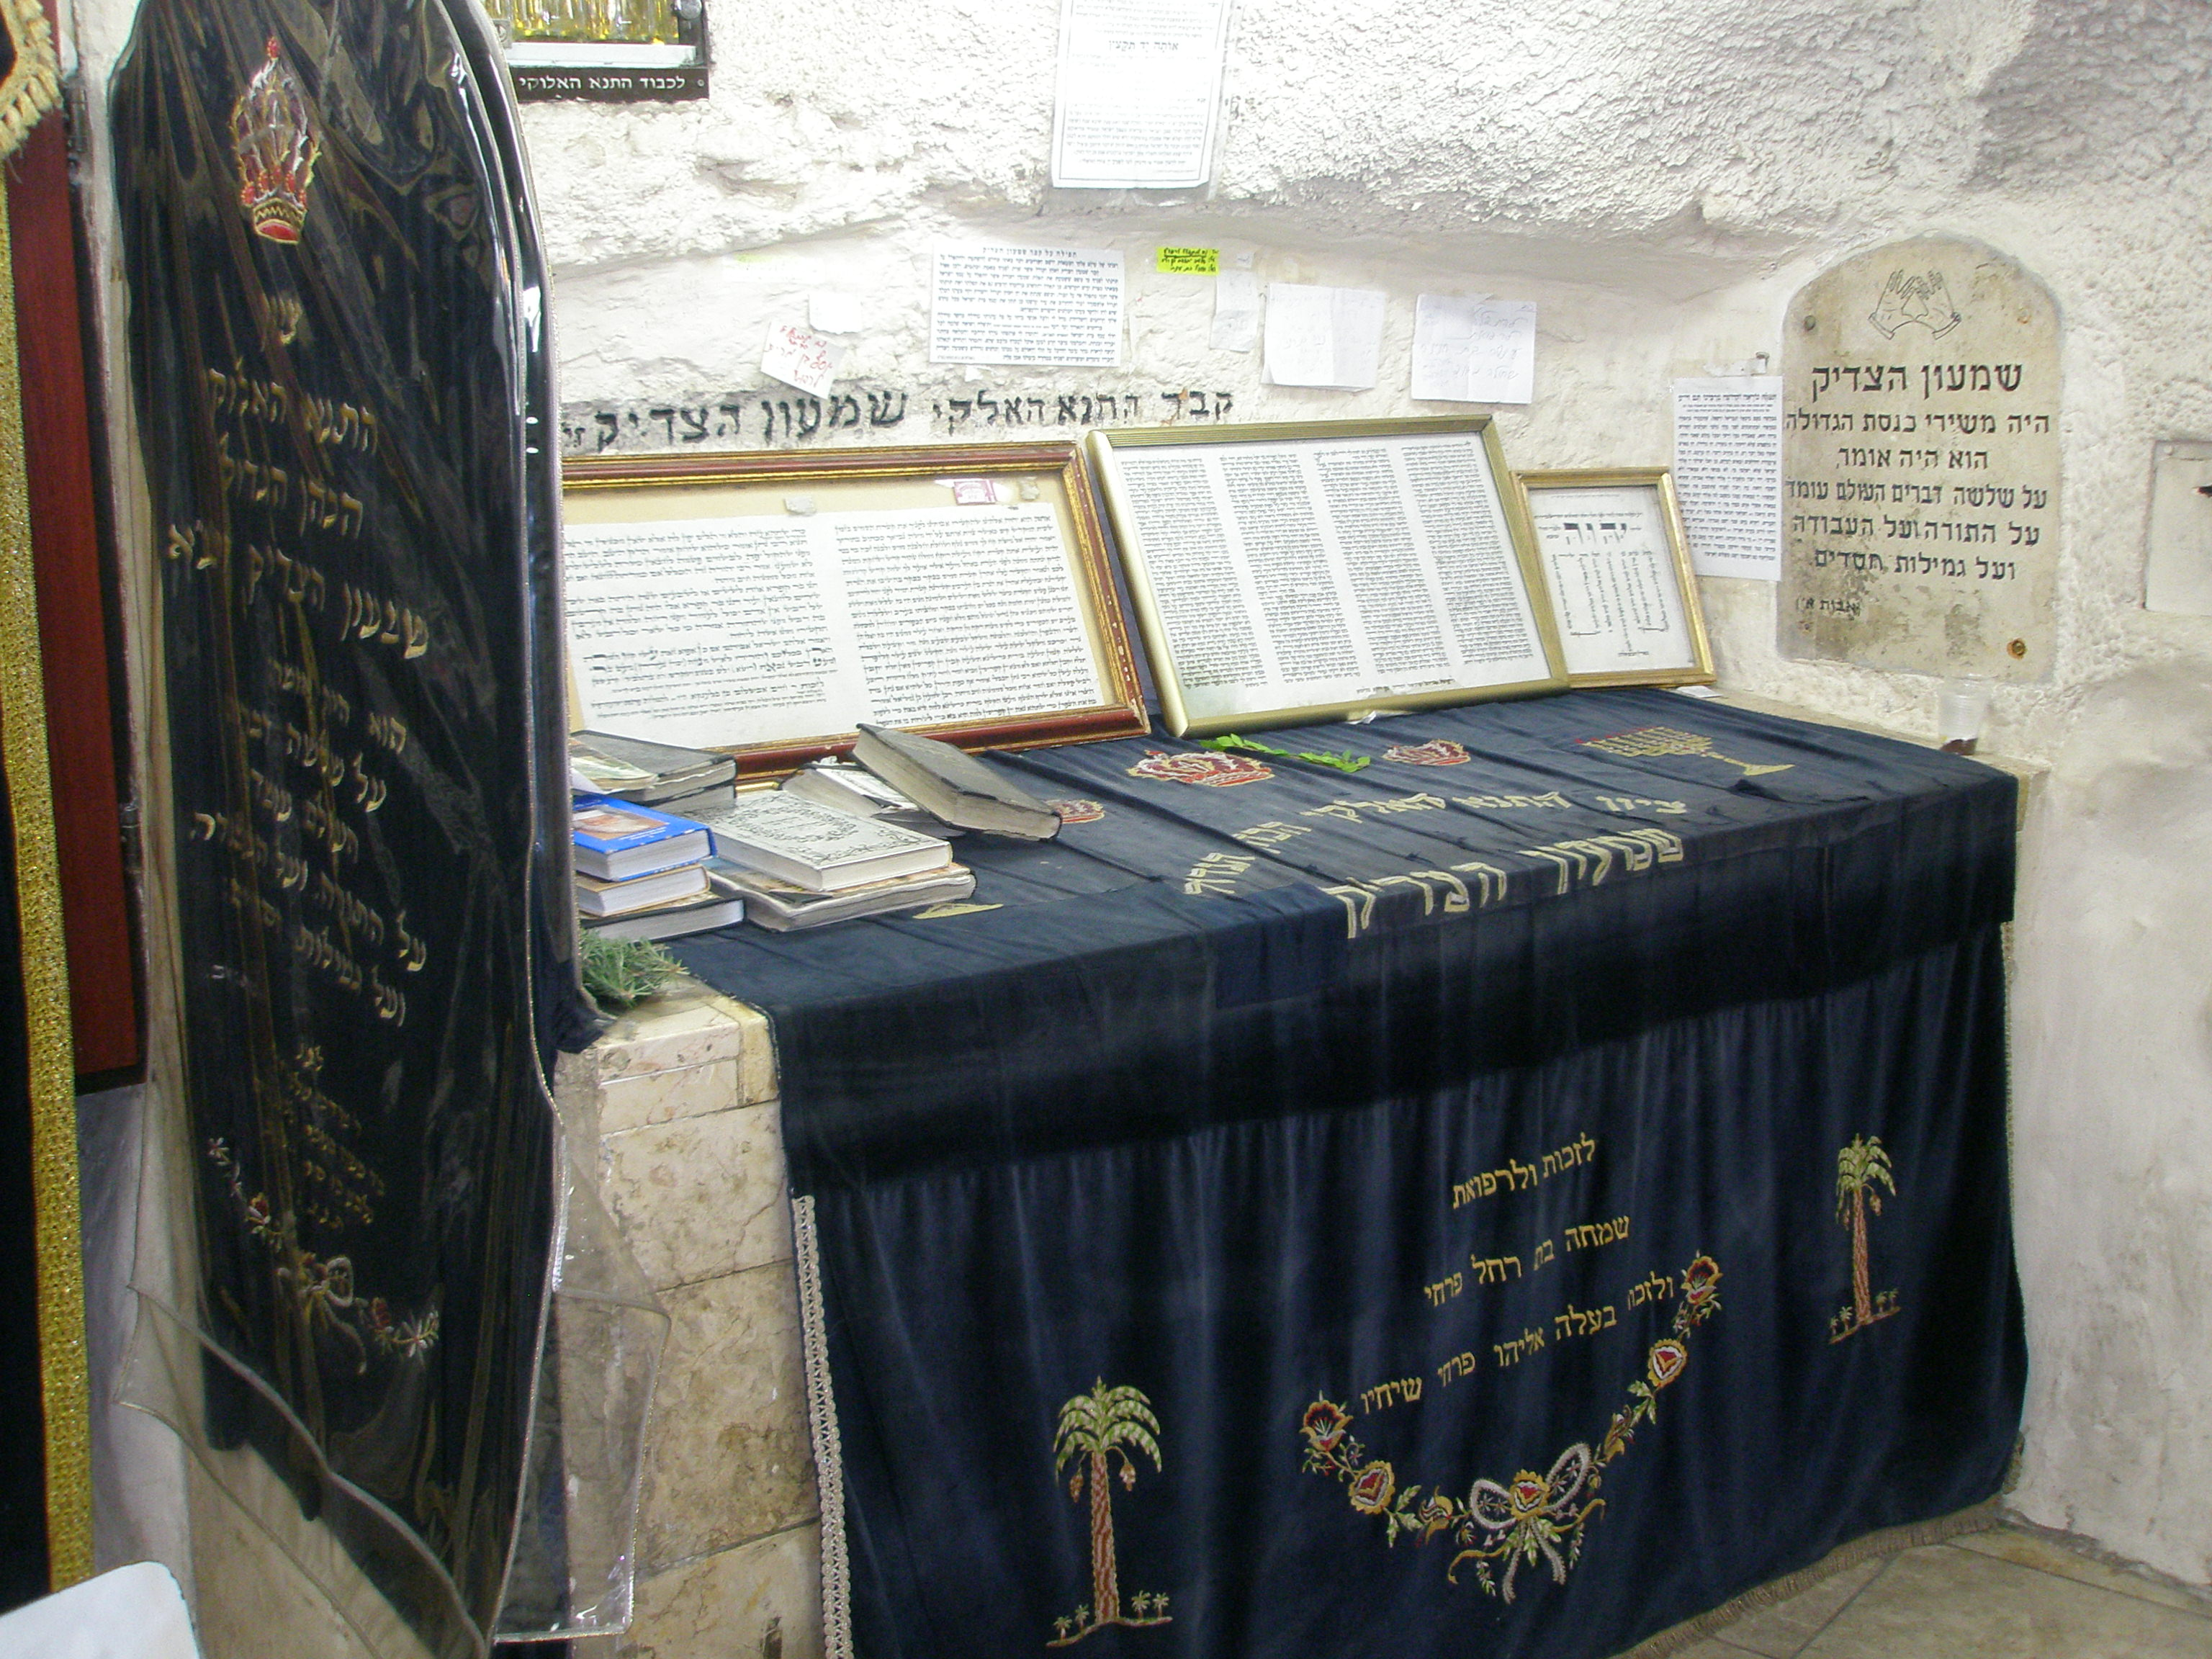 קבר שמעון הצדיק – ויקיפדיה